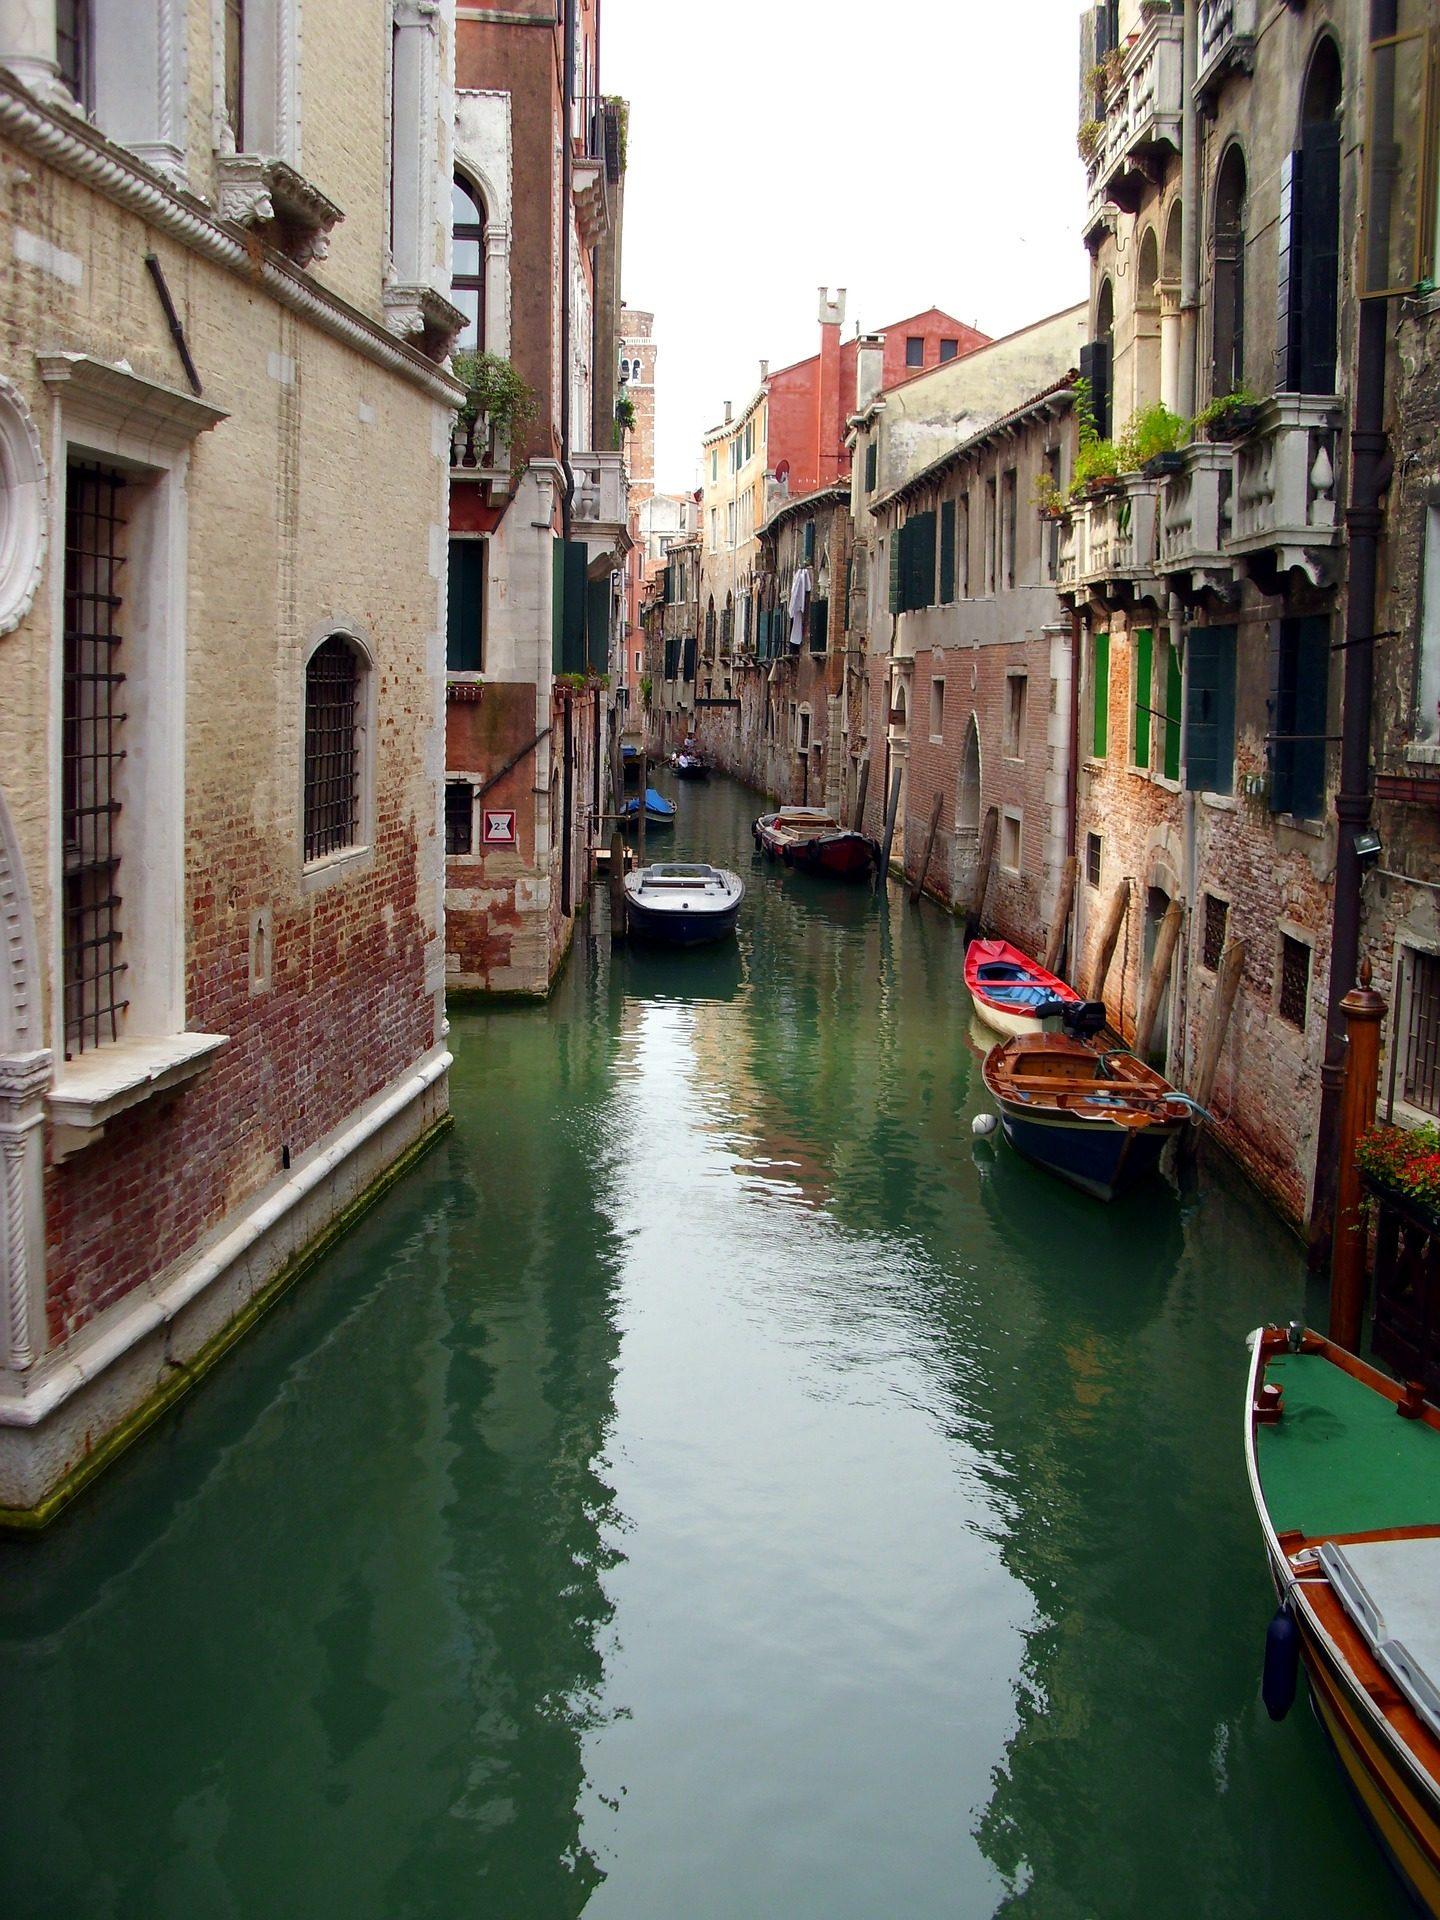 canal, Barcos, água, Veneza, Itália - Papéis de parede HD - Professor-falken.com